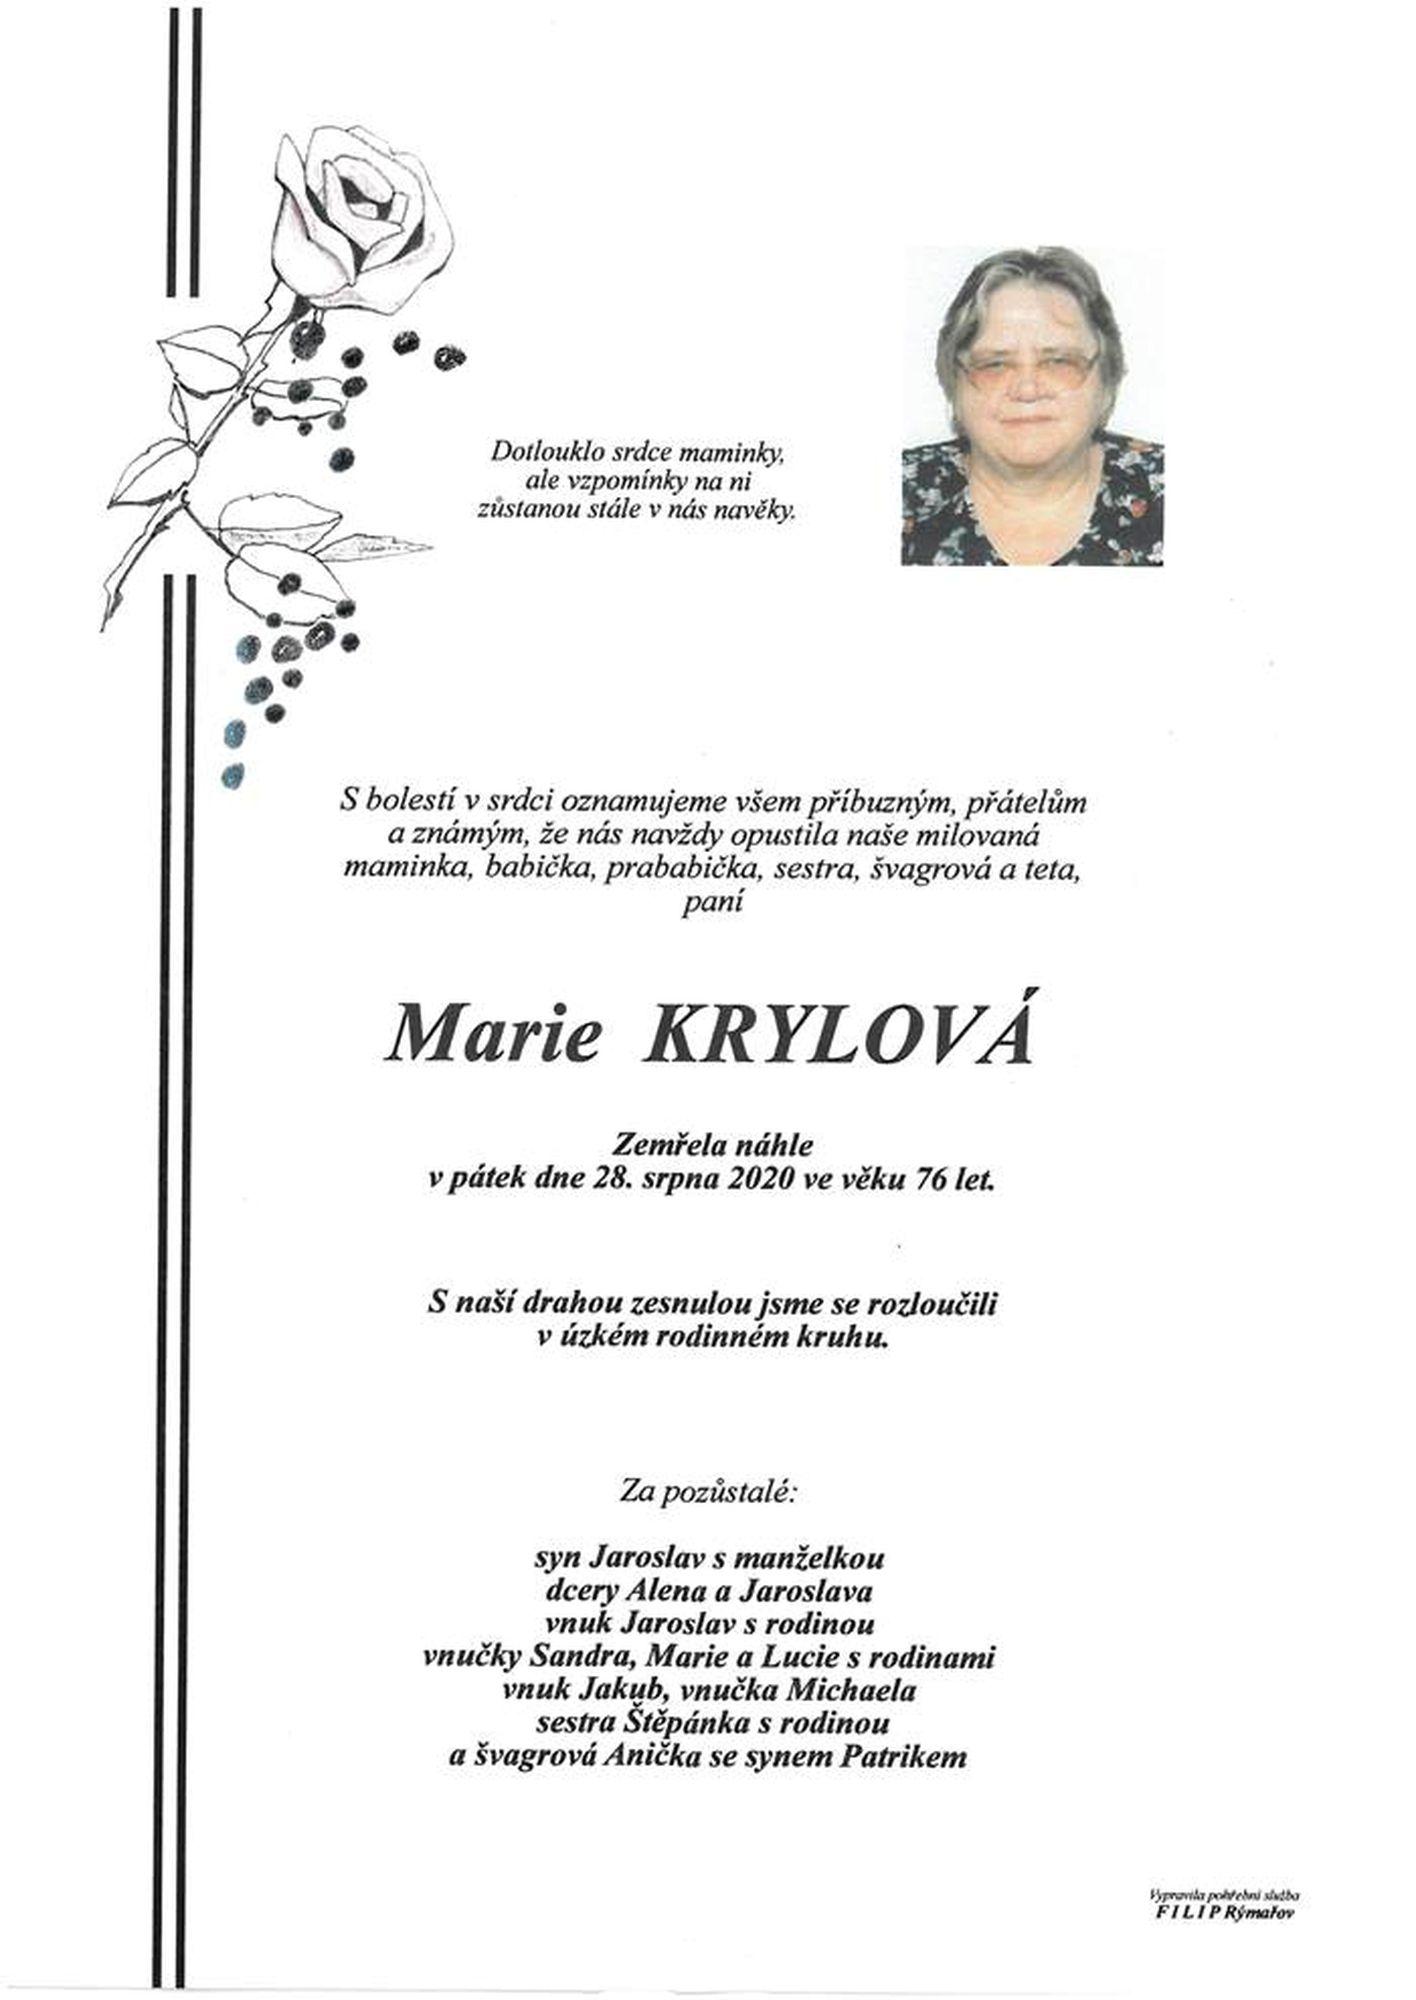 Marie Krylová